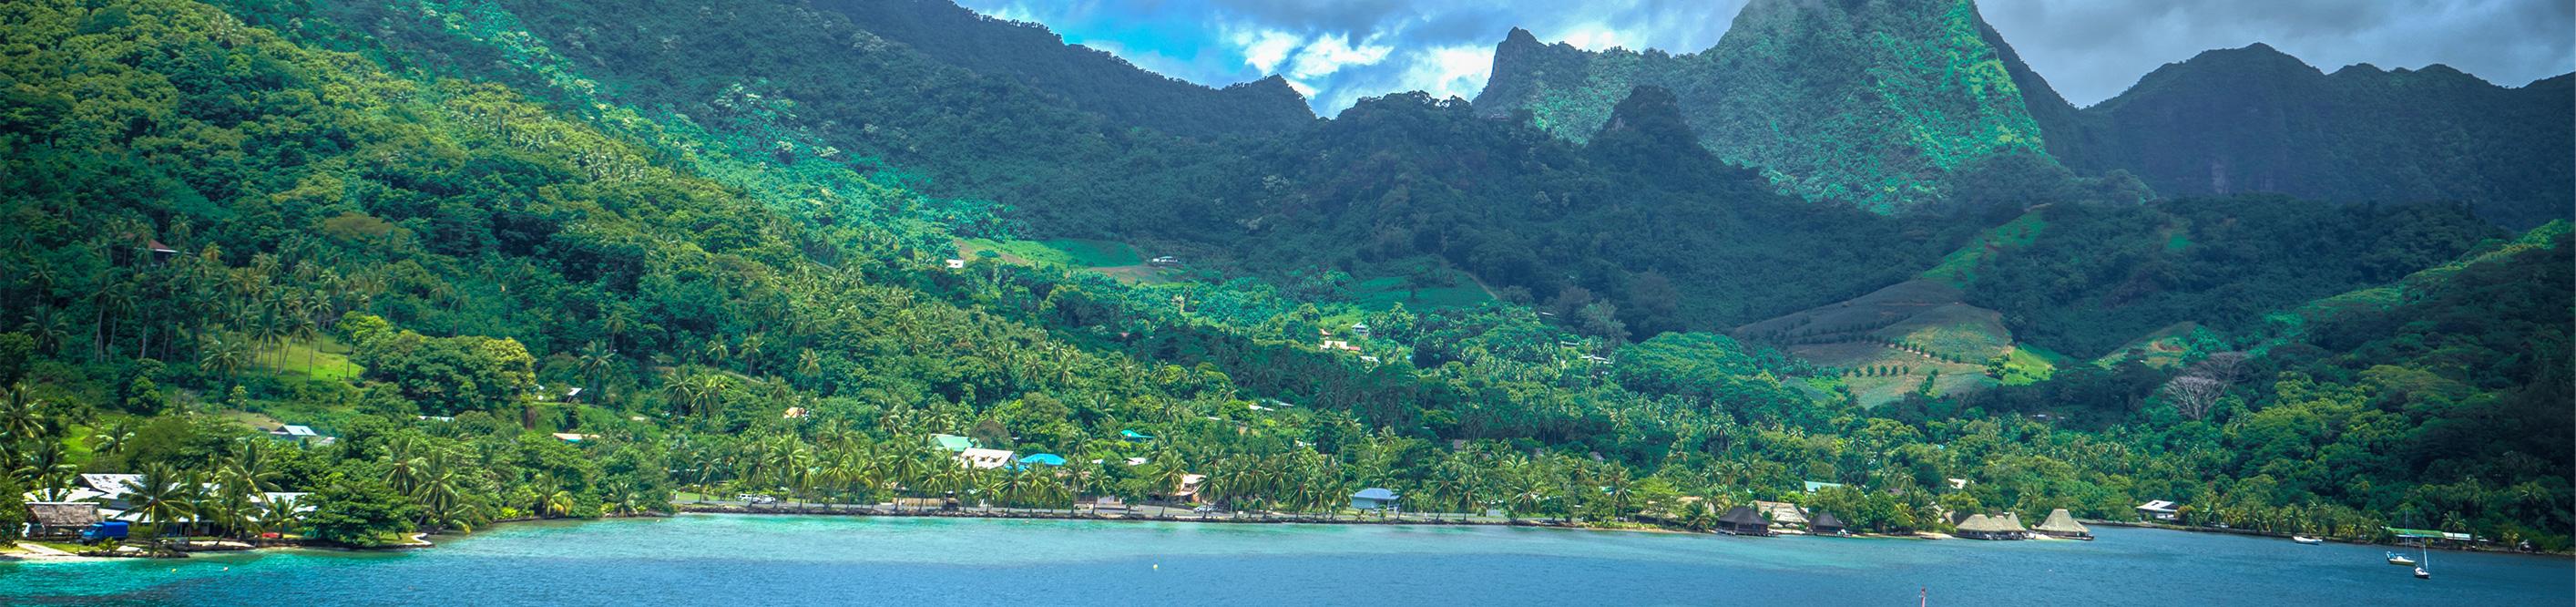 Морской круиз в Полинезии